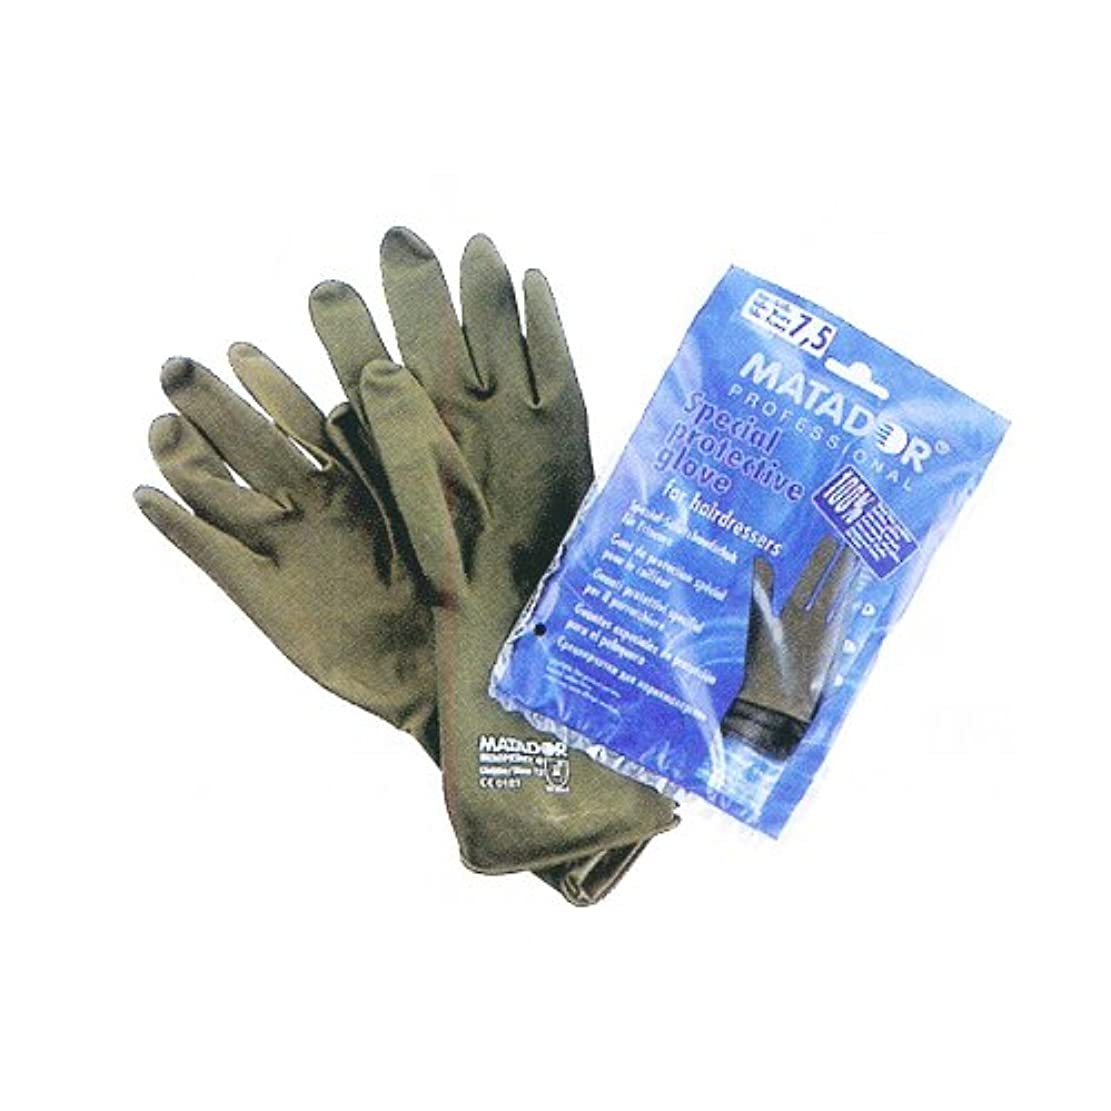 隙間流用する裏切りマタドールゴム手袋 7.5吋